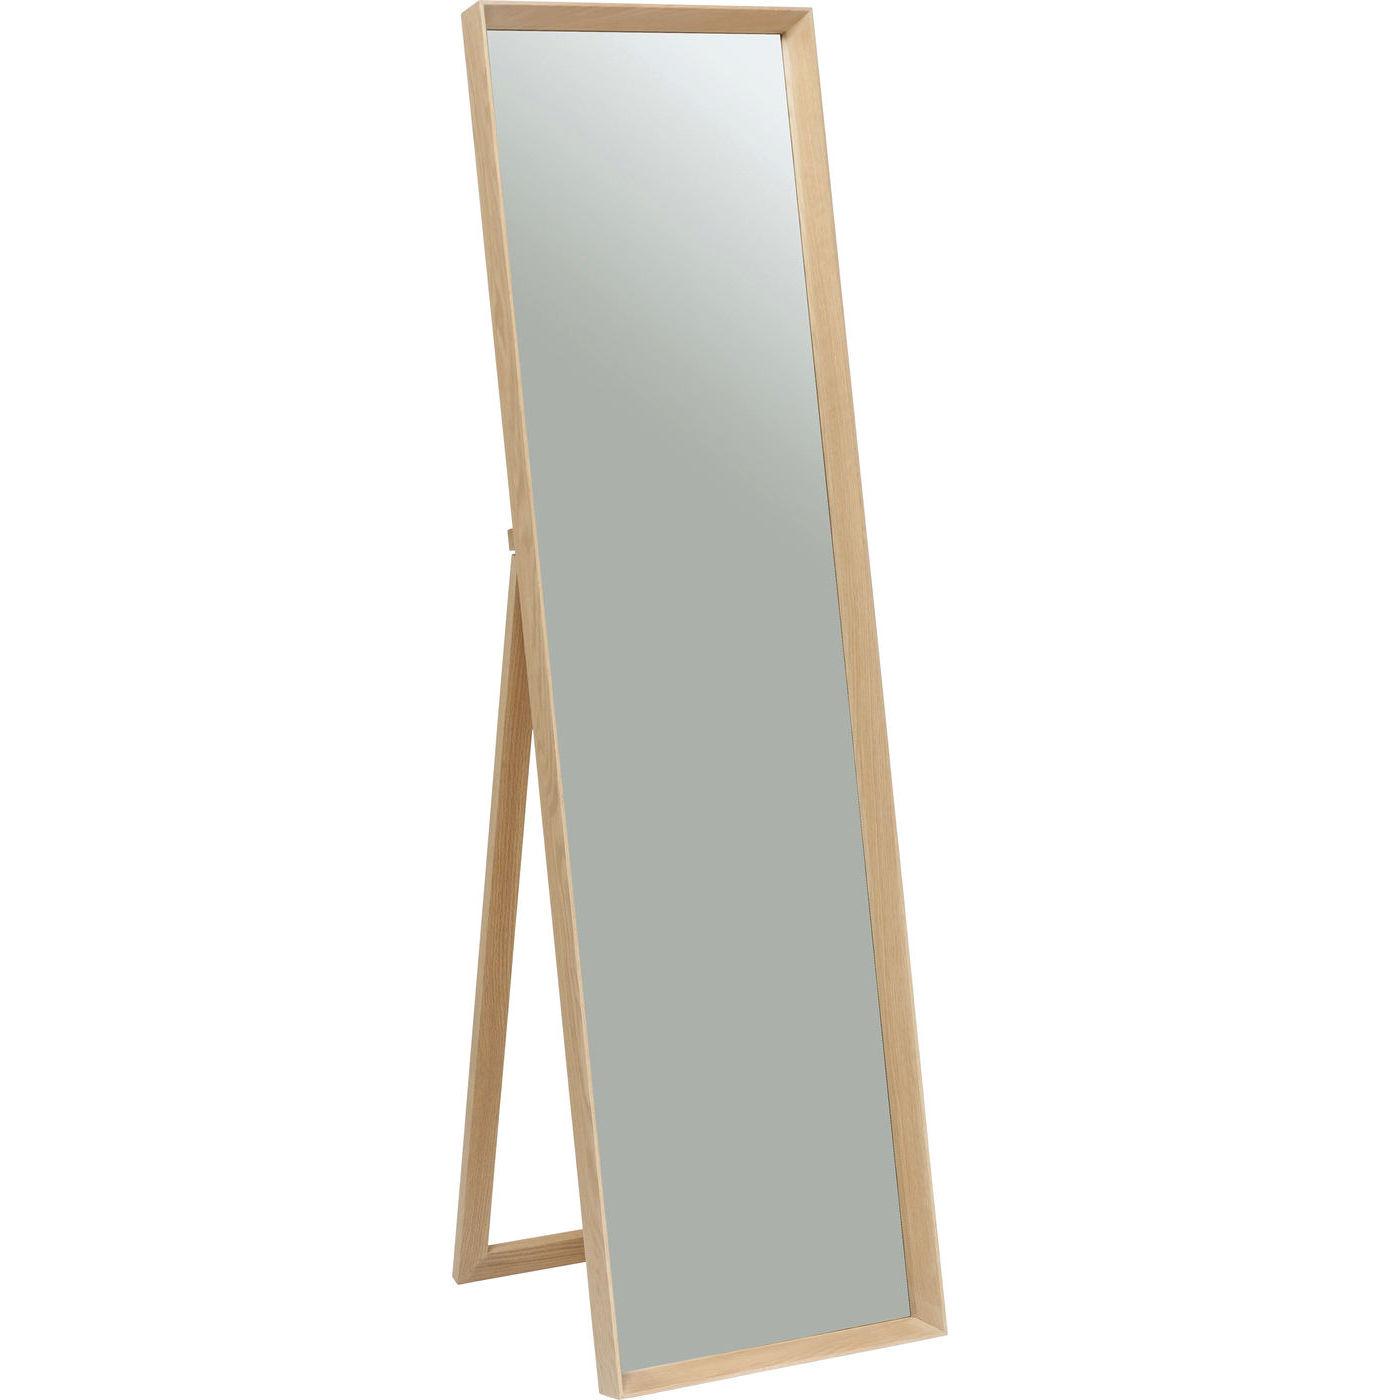 Image of   KARE DESIGN Spejl, Montreal 160x40cm